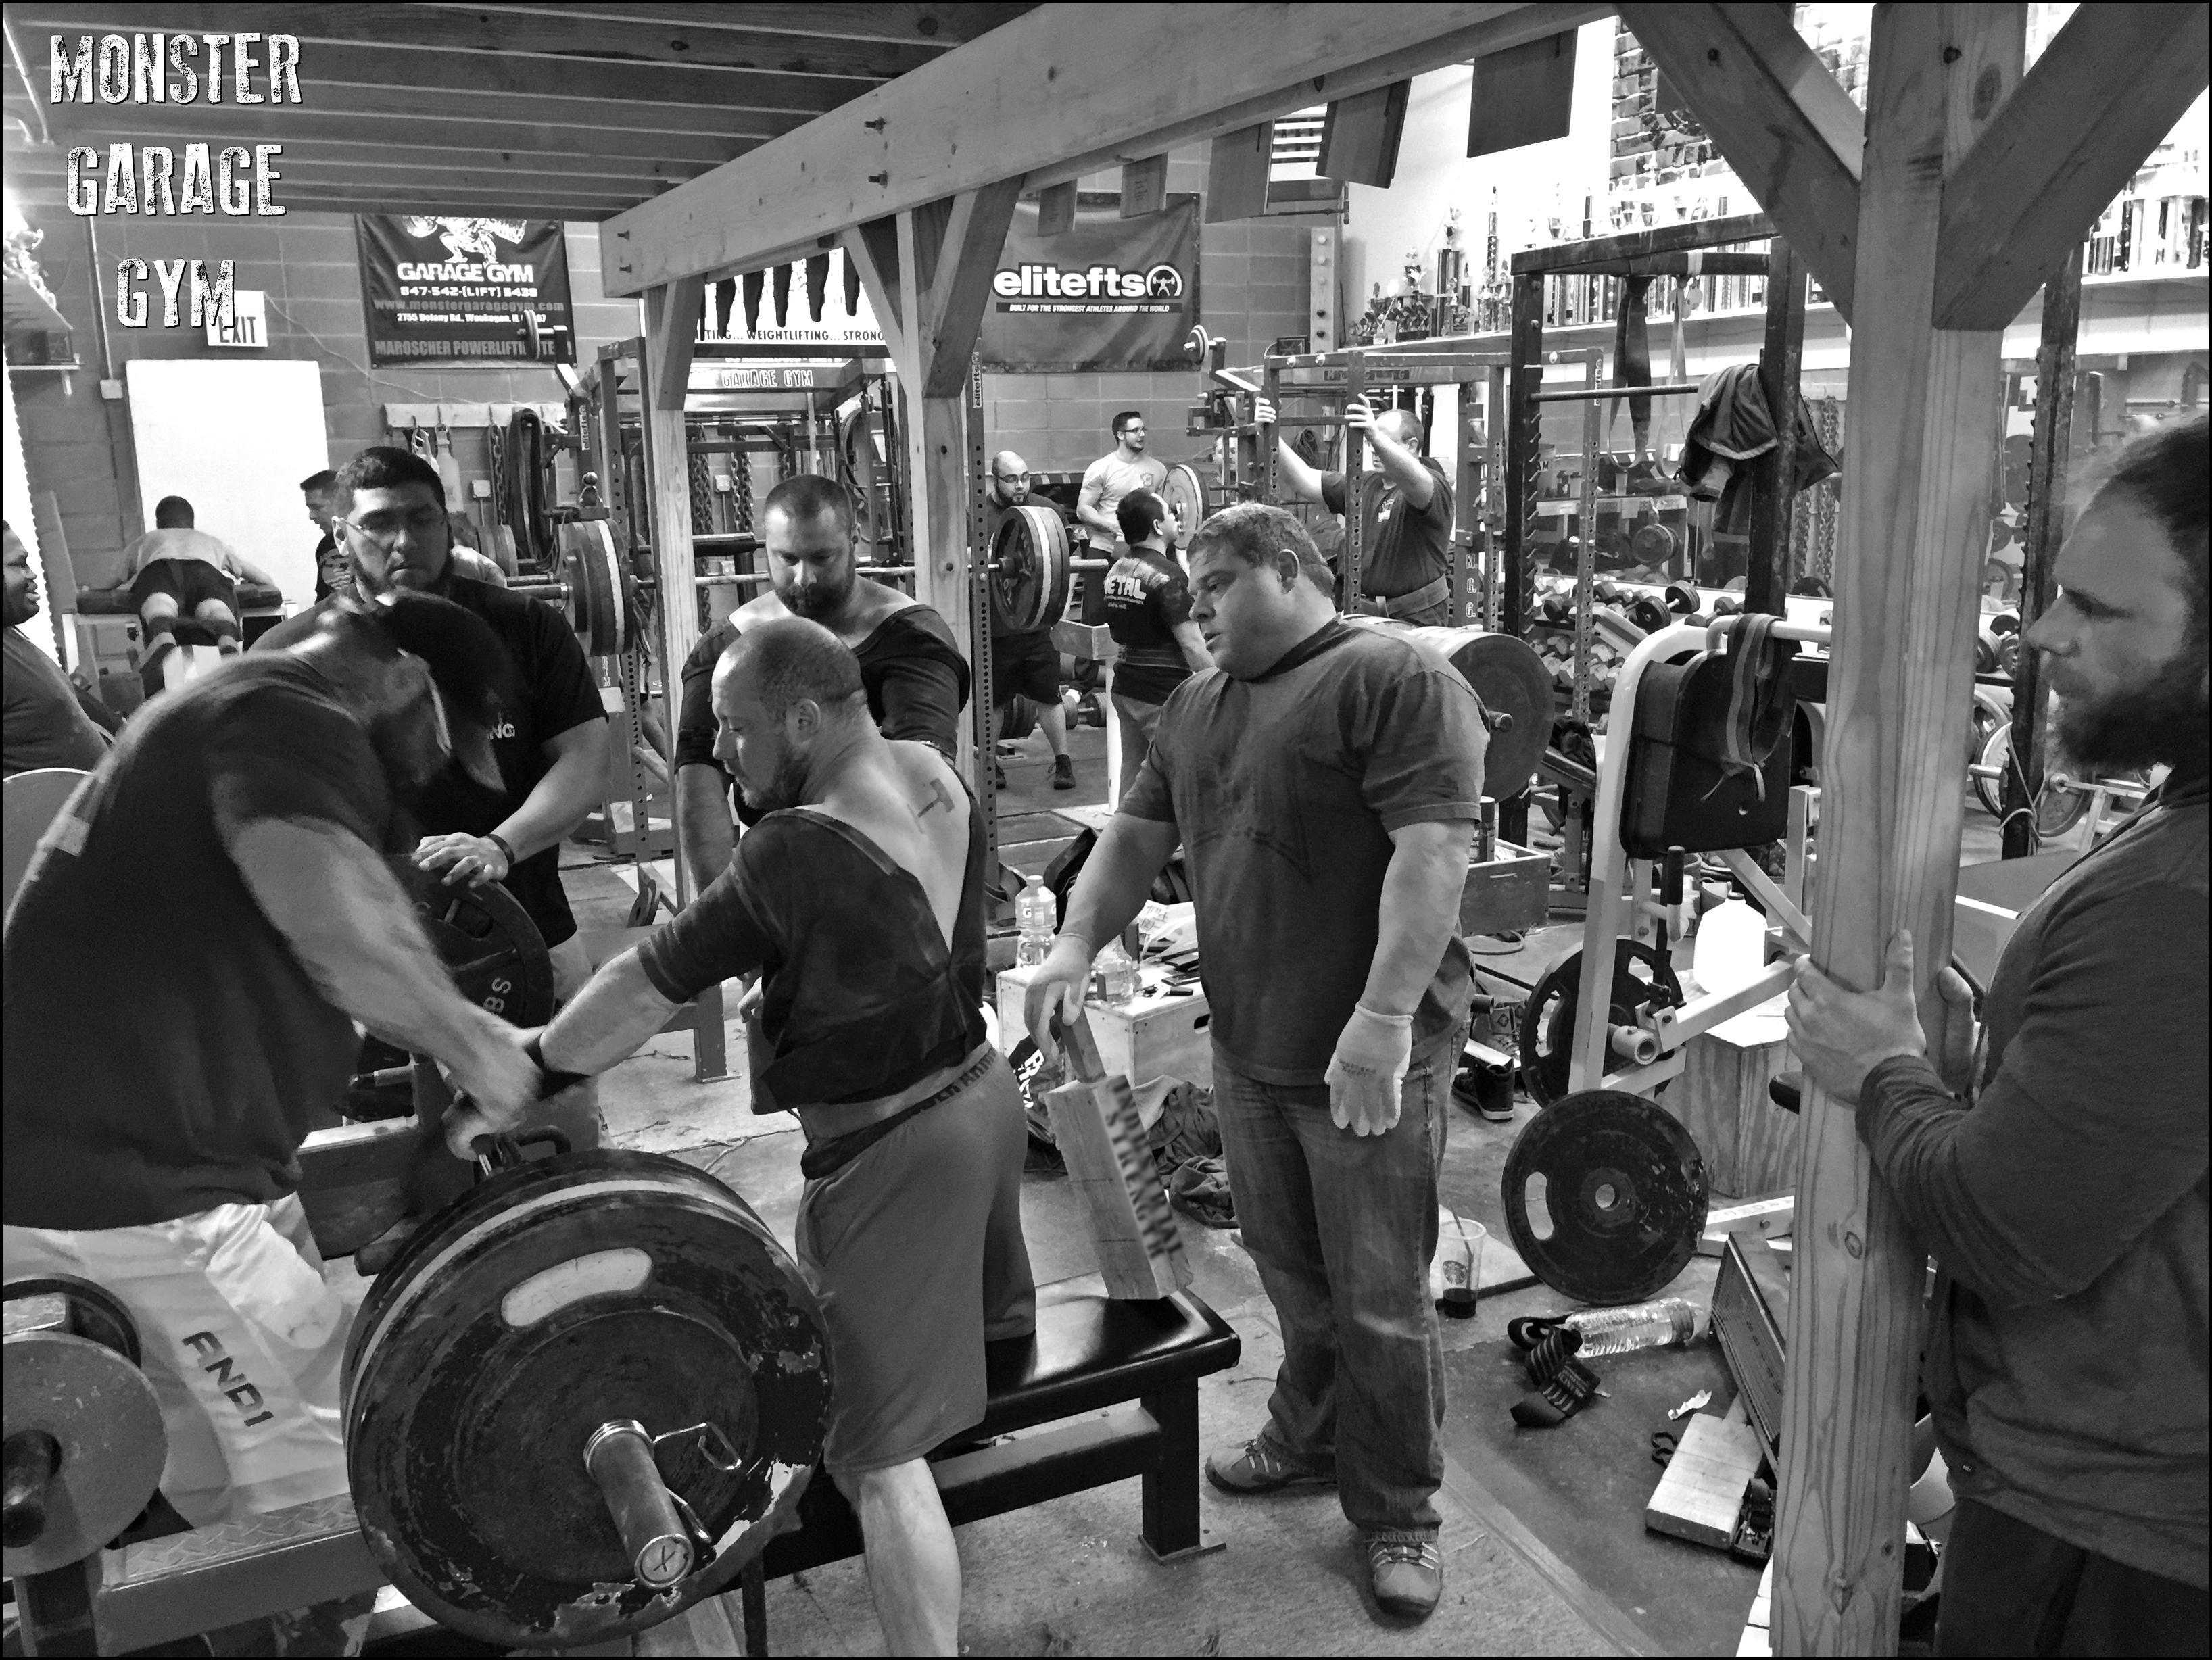 Garage gyms store u garage gyms llc